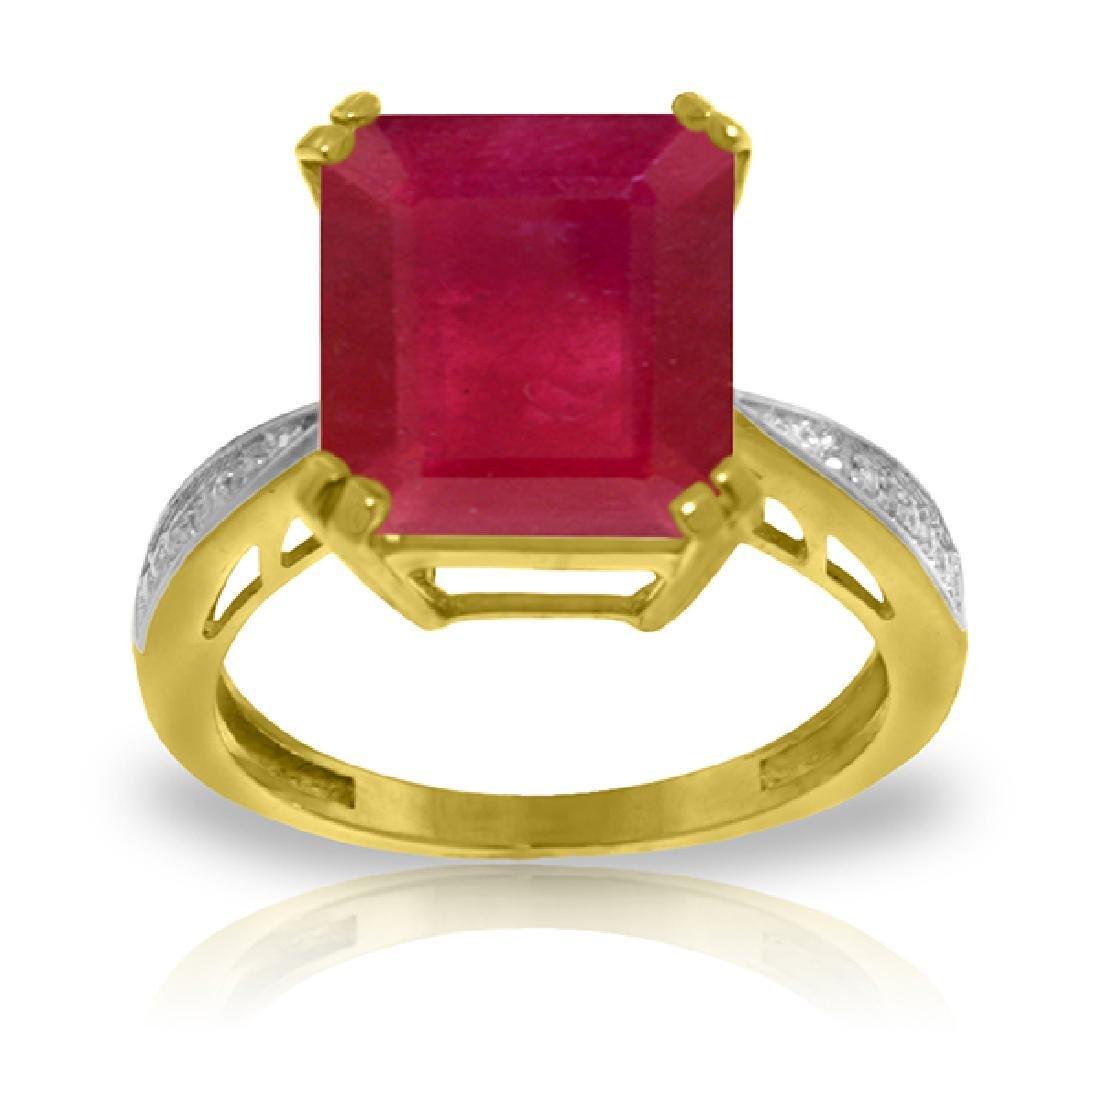 Genuine 7.27 ctw Ruby & Diamond Ring Jewelry 14KT